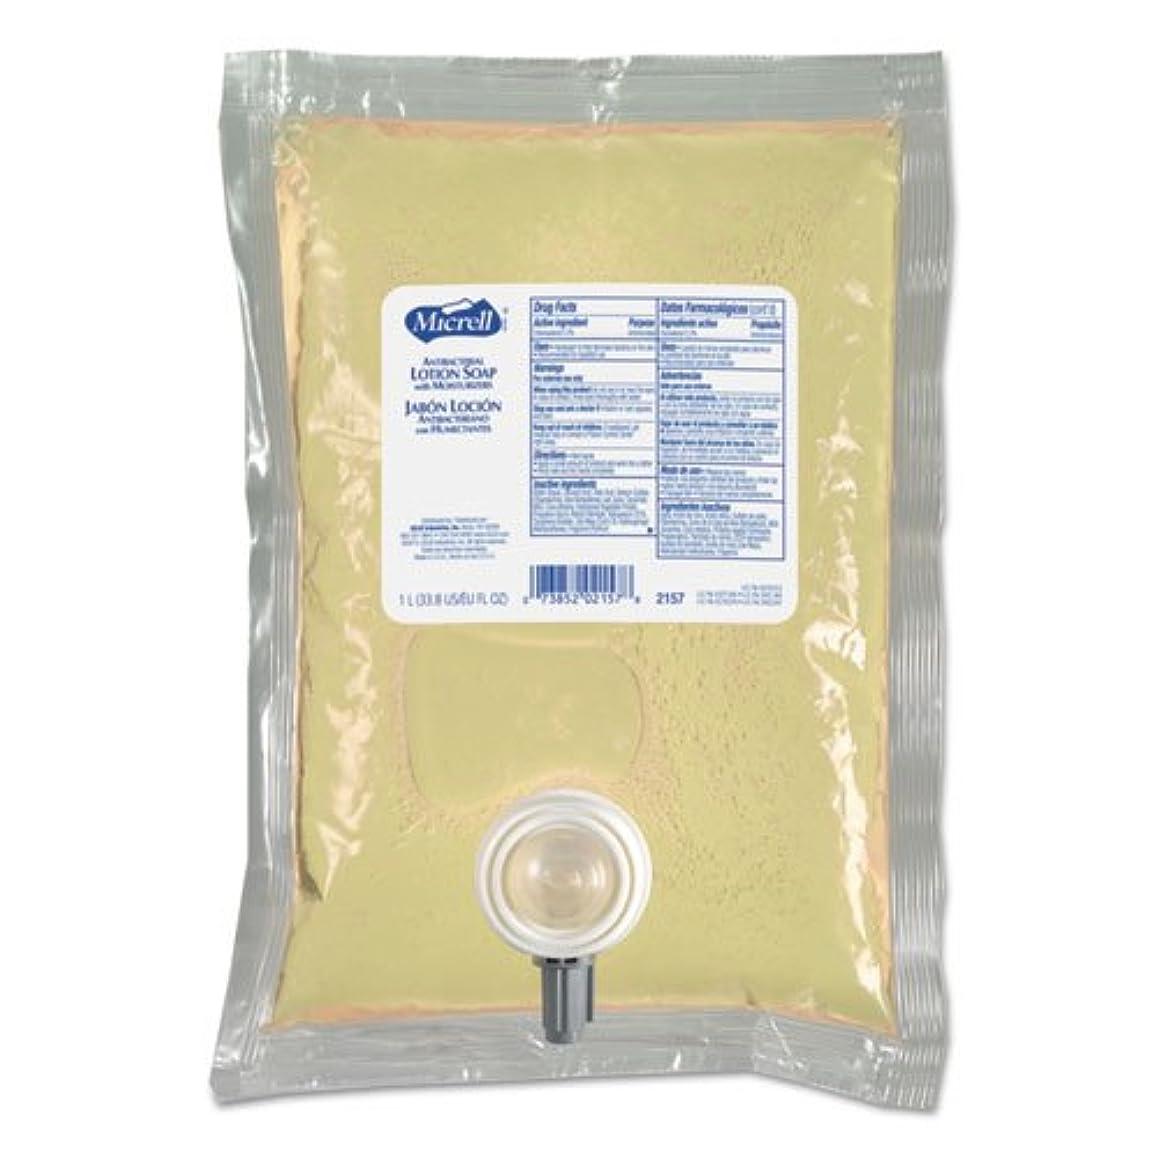 ソフィー次へ吸収するgoj215708ea – MICRELL NXT抗菌ローションソープ詰め替え